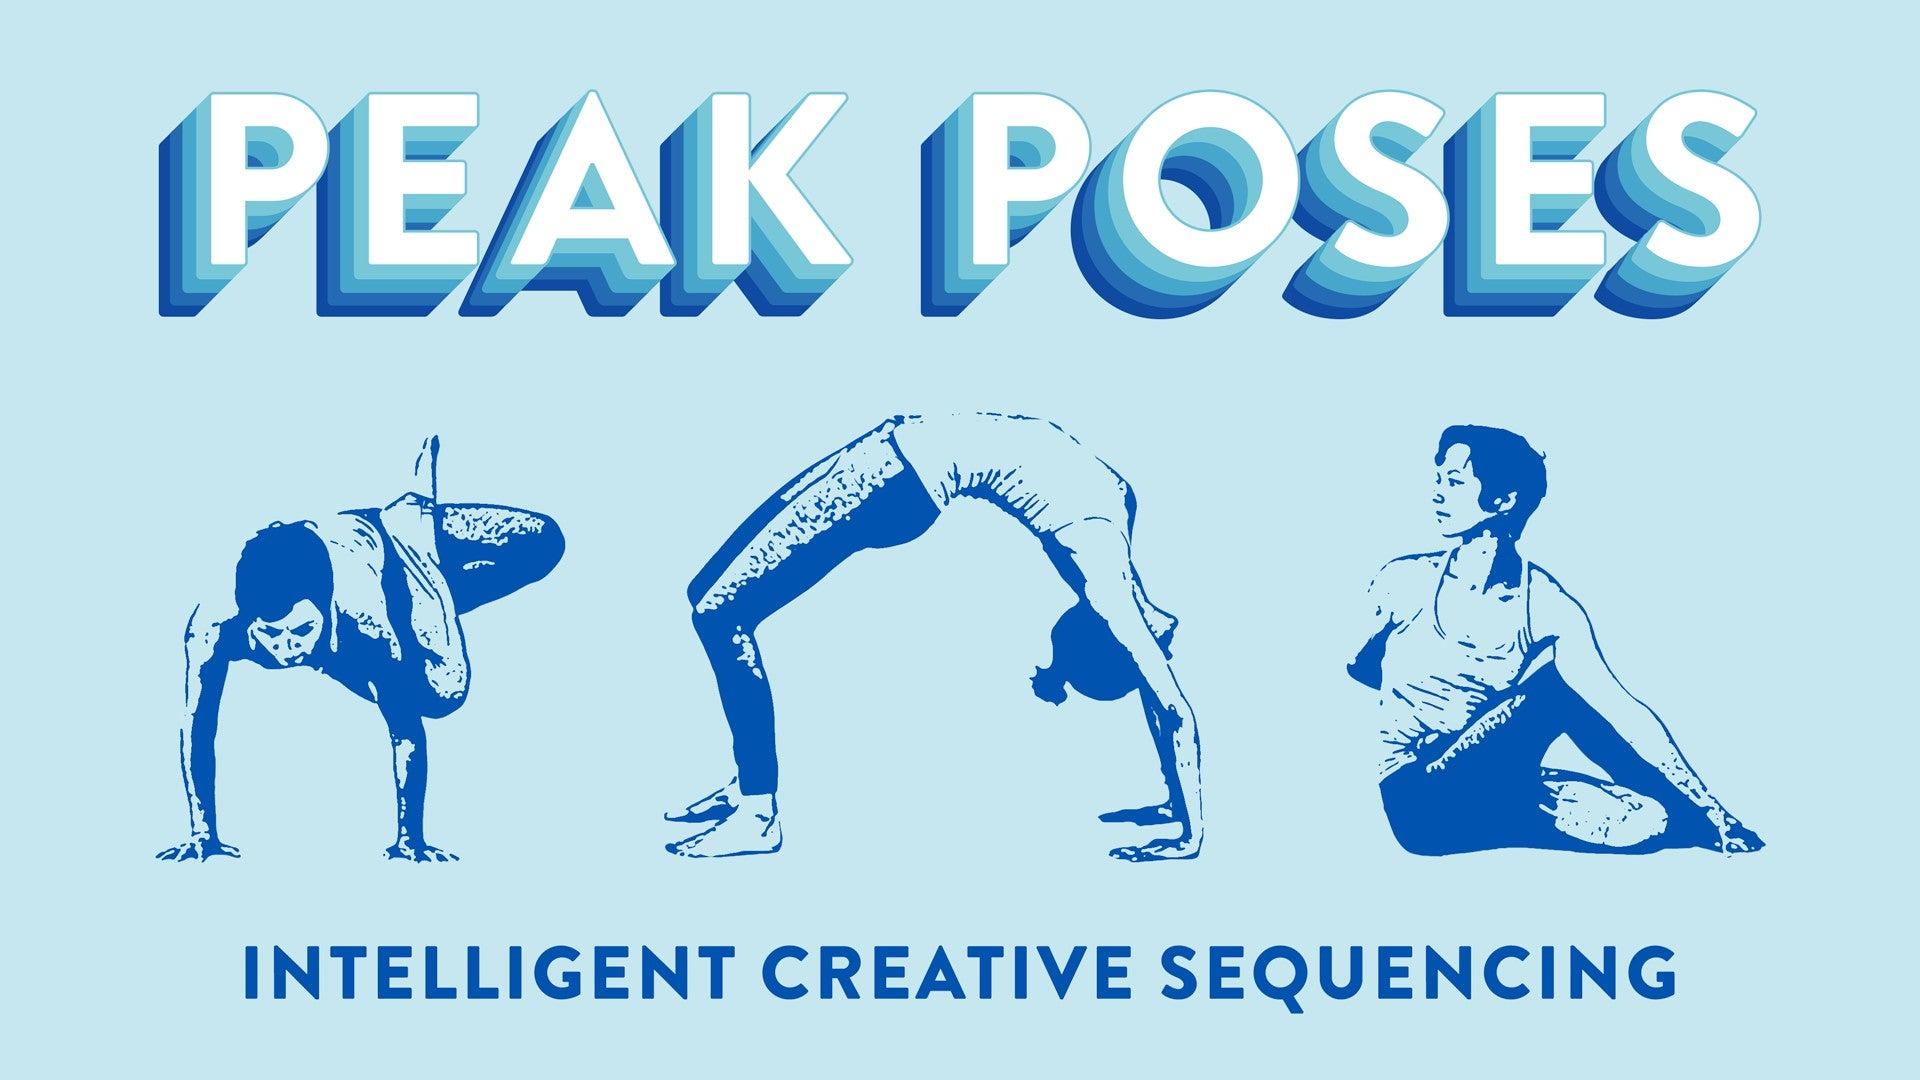 Peak Poses